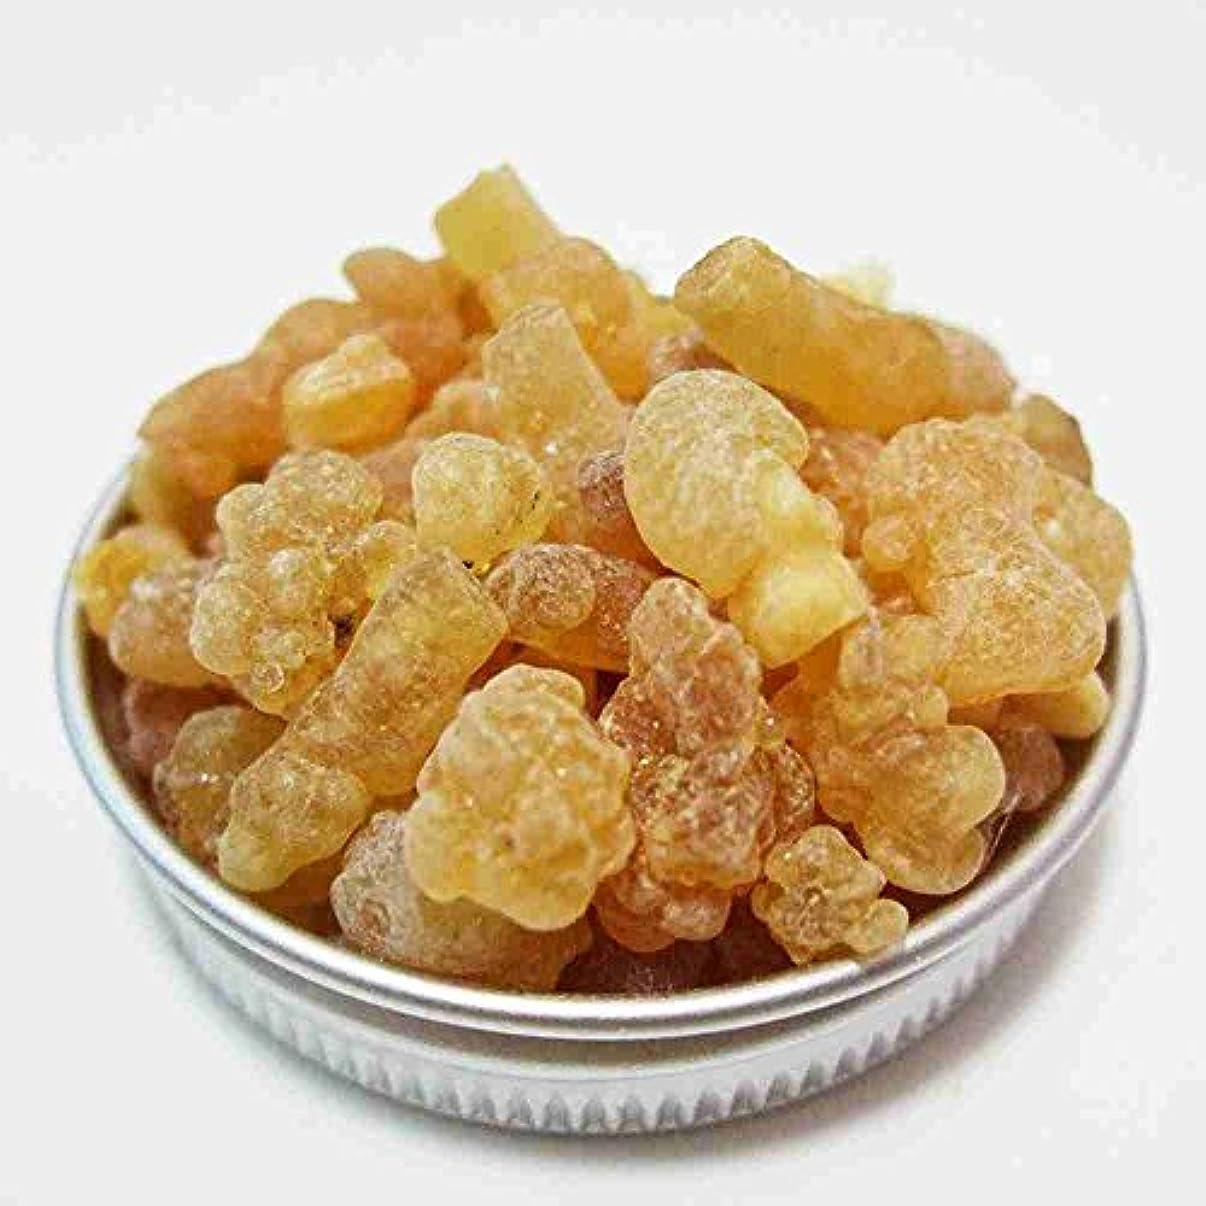 ルー八百屋回路フランキンセンス Frsnkincense (乳香) 天然樹脂香 フランキンセンス(乳香), 1 Ounce (28 g)